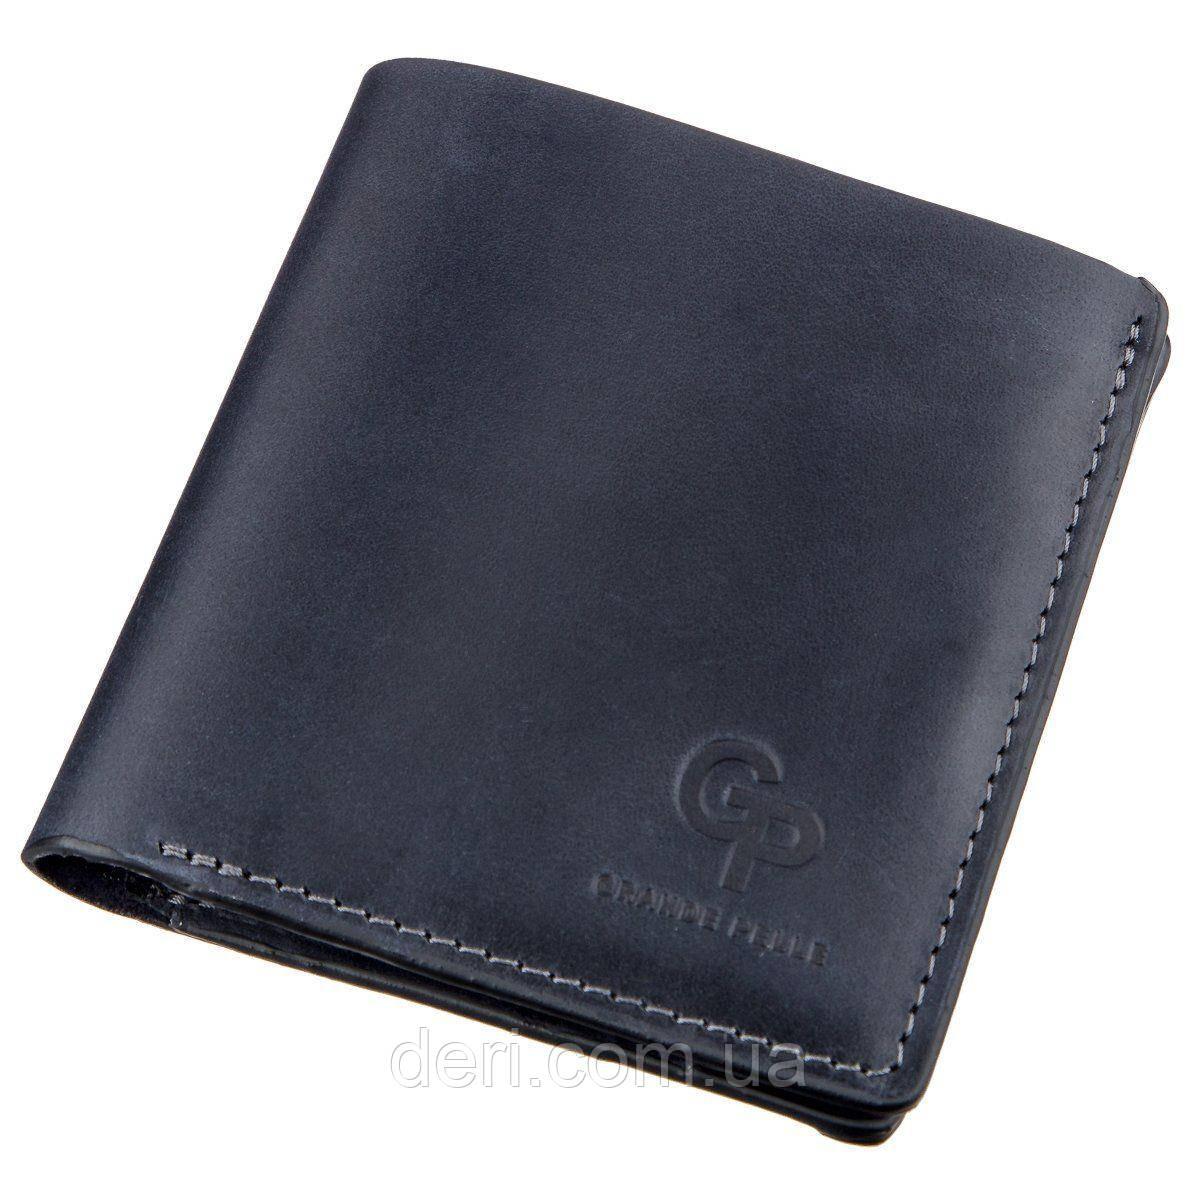 Оригинальное портмоне унисекс с монетницей